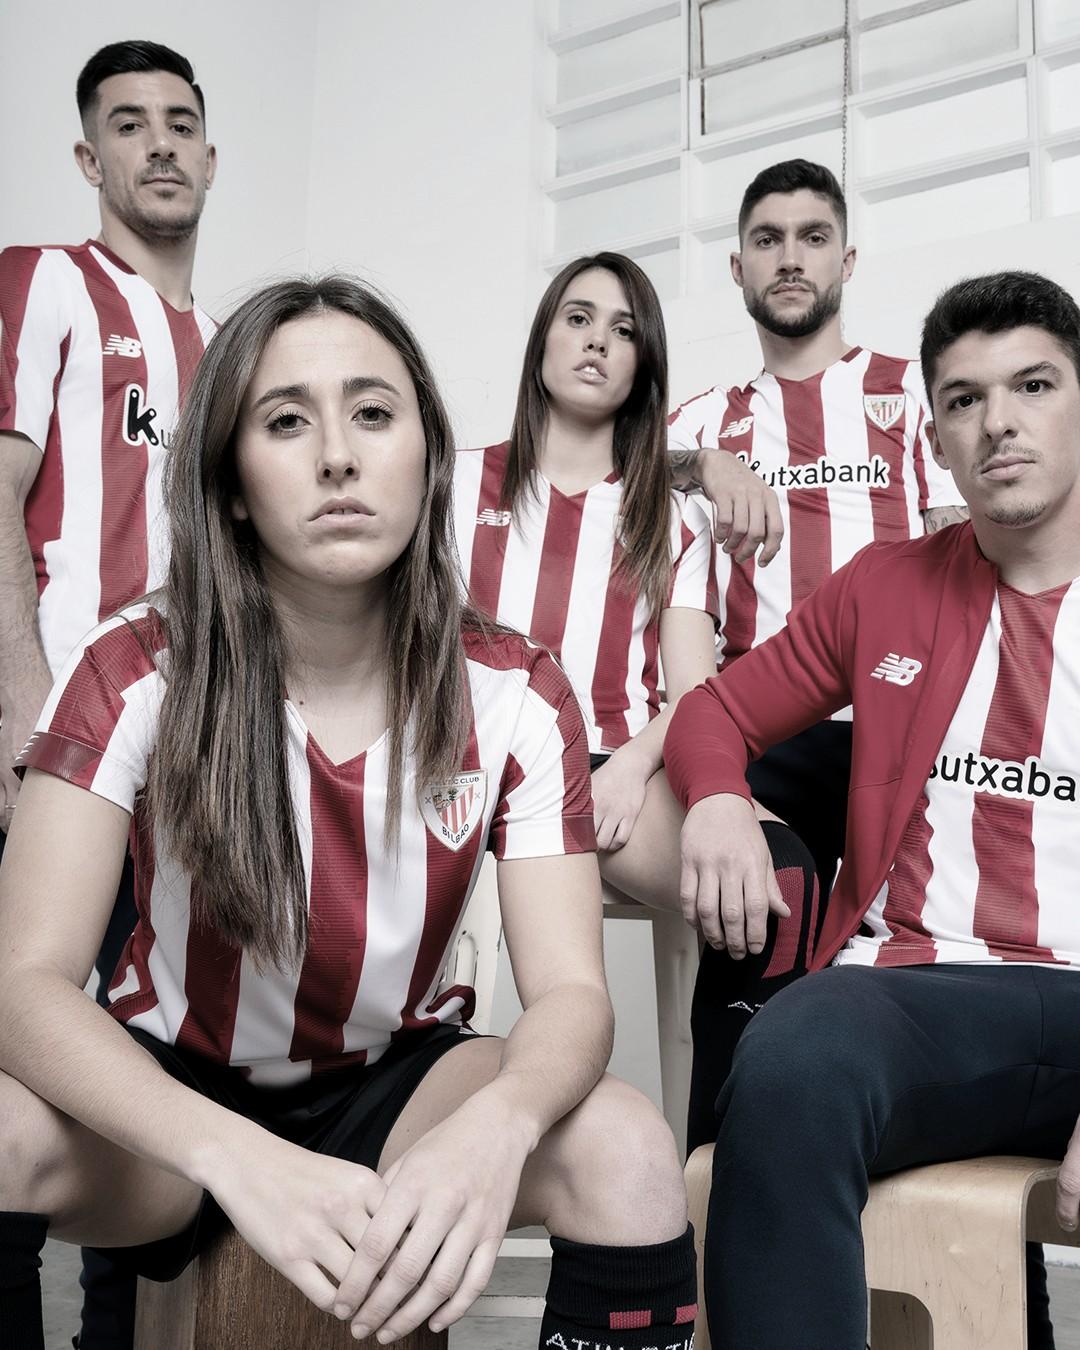 La nueva camiseta del Athletic Club homenajea a sus socios